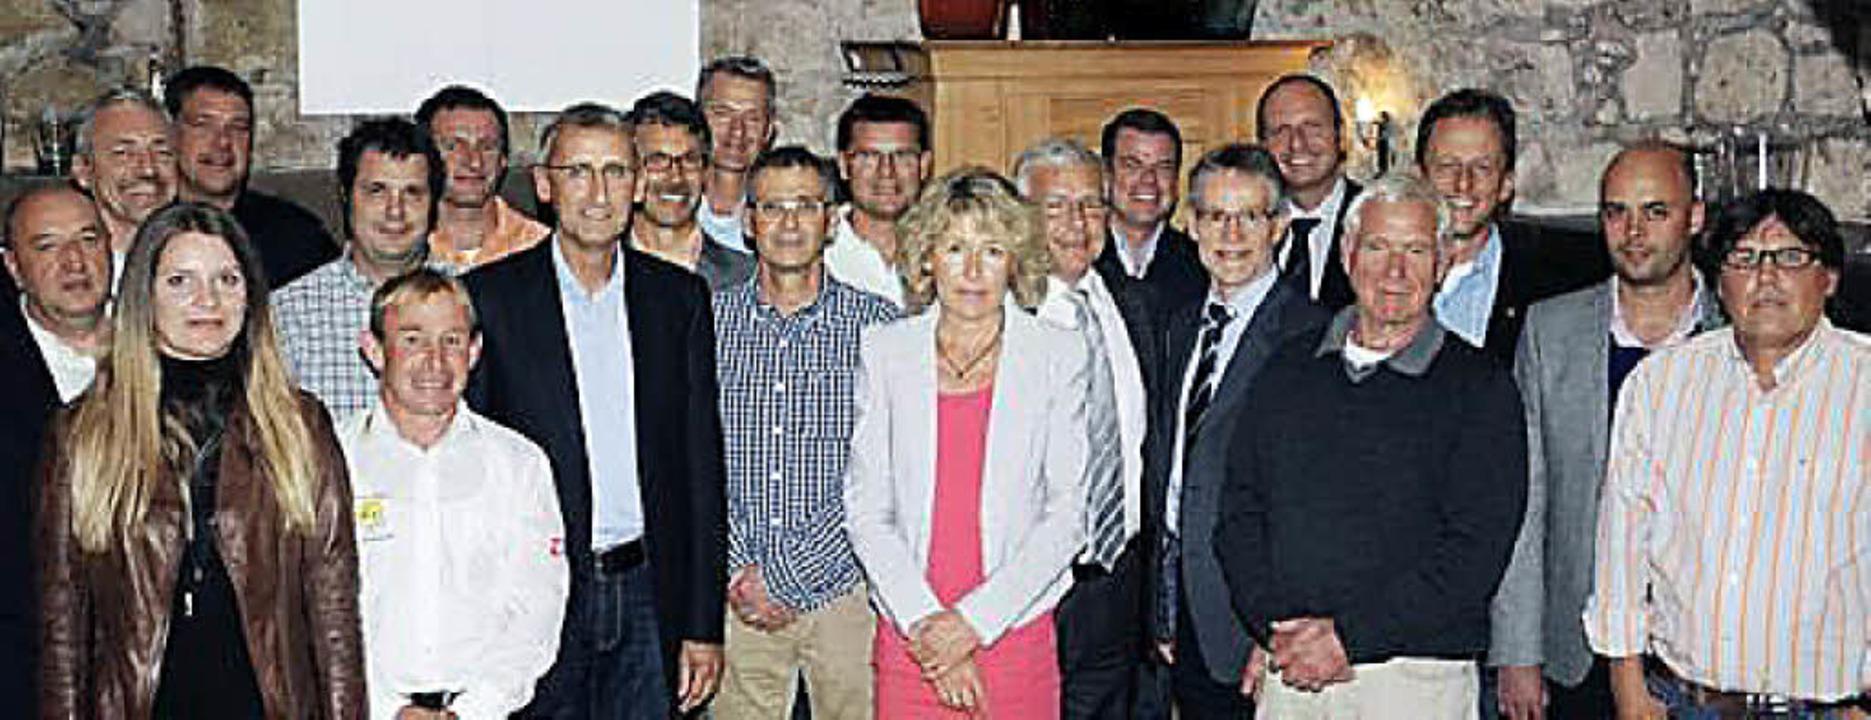 Die Gründungsmitglieder versammelten sich in Efringen-Kirchen.   | Foto: zvg